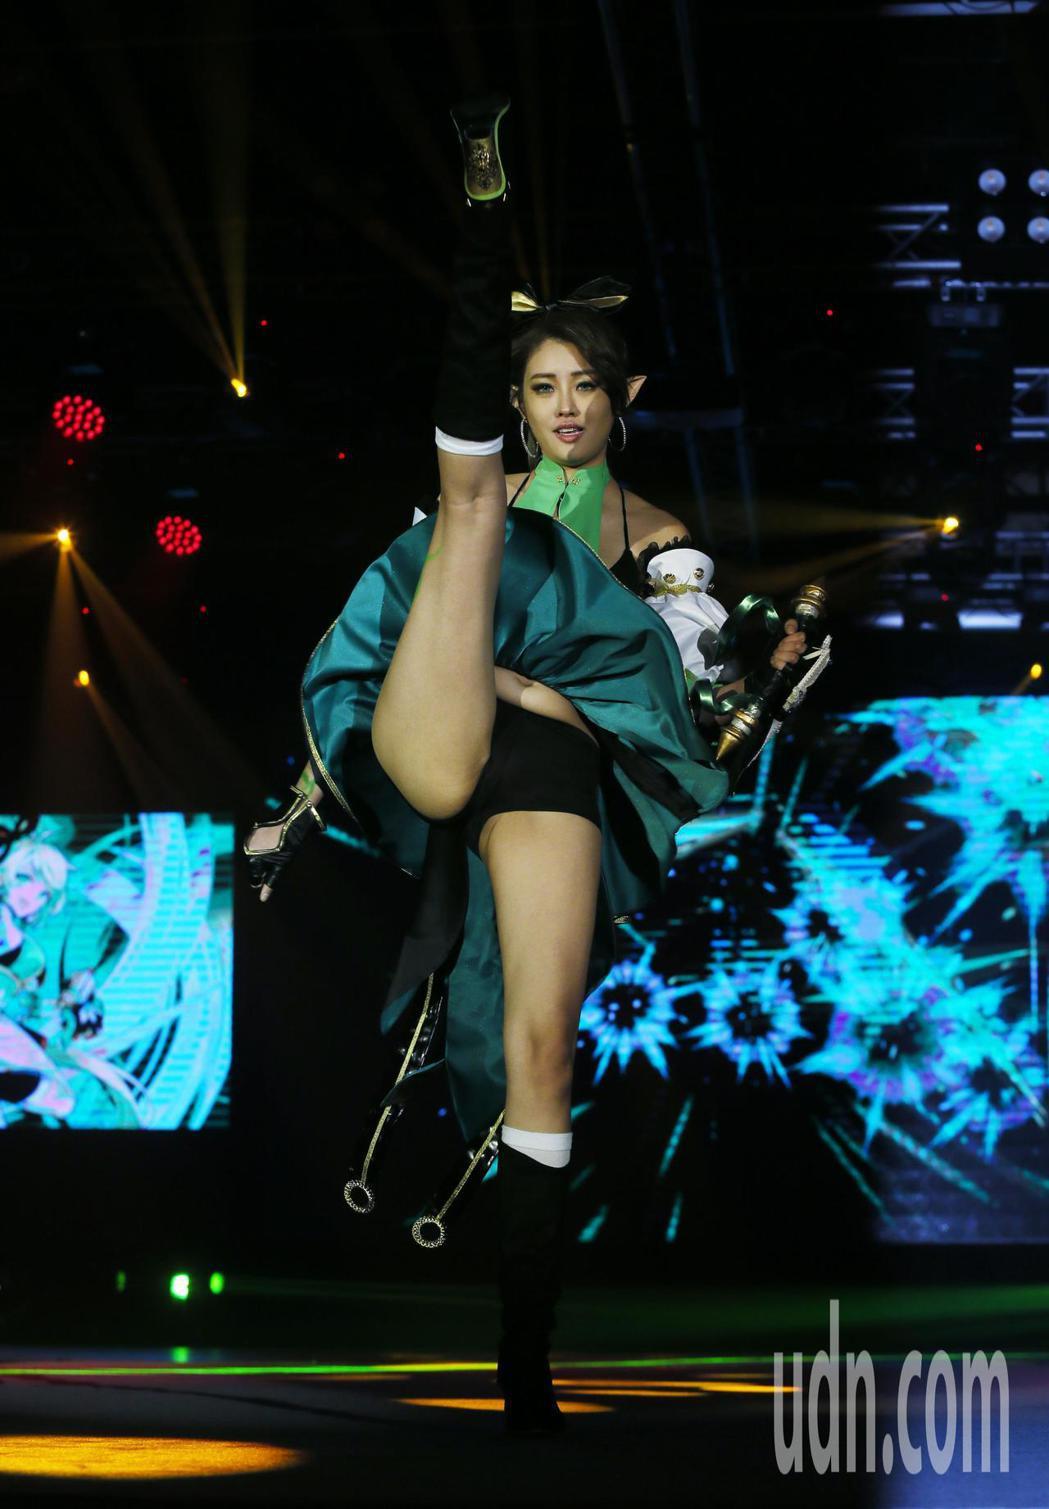 藝人賴琳恩Cosplay遊戲角色,秀出蜜大腿火辣登場為遊戲代言。記者許正宏/攝影